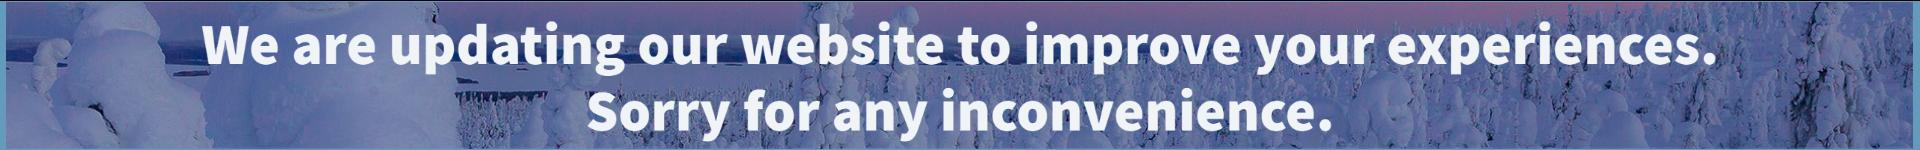 Visit Lapland website update